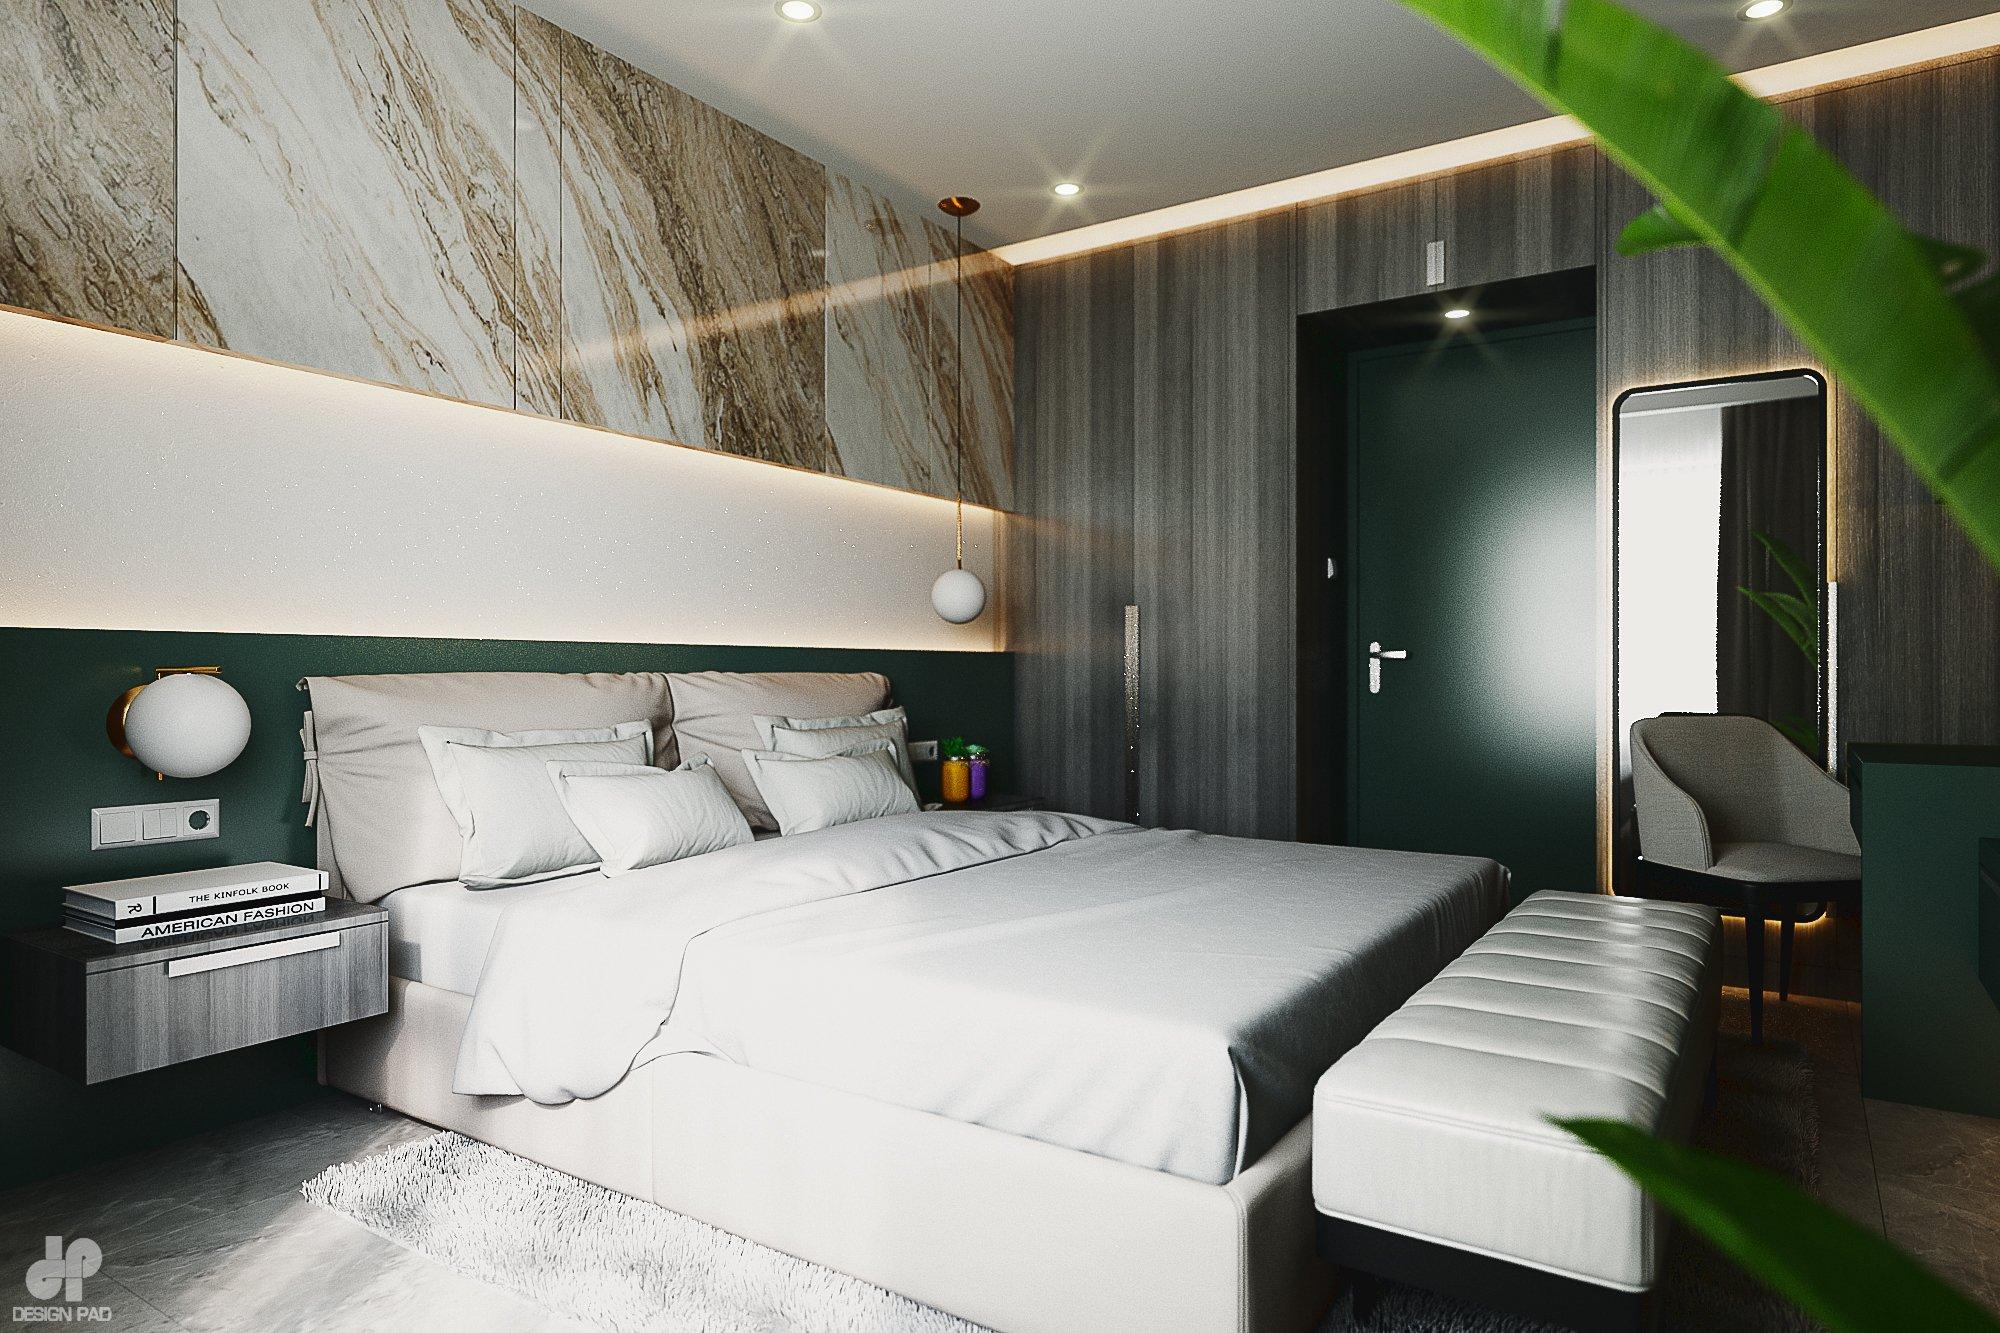 Thiết kế nội thất Nhà Mặt Phố tại Hồ Chí Minh BedRoom - Mr.Huy 1605080087 1